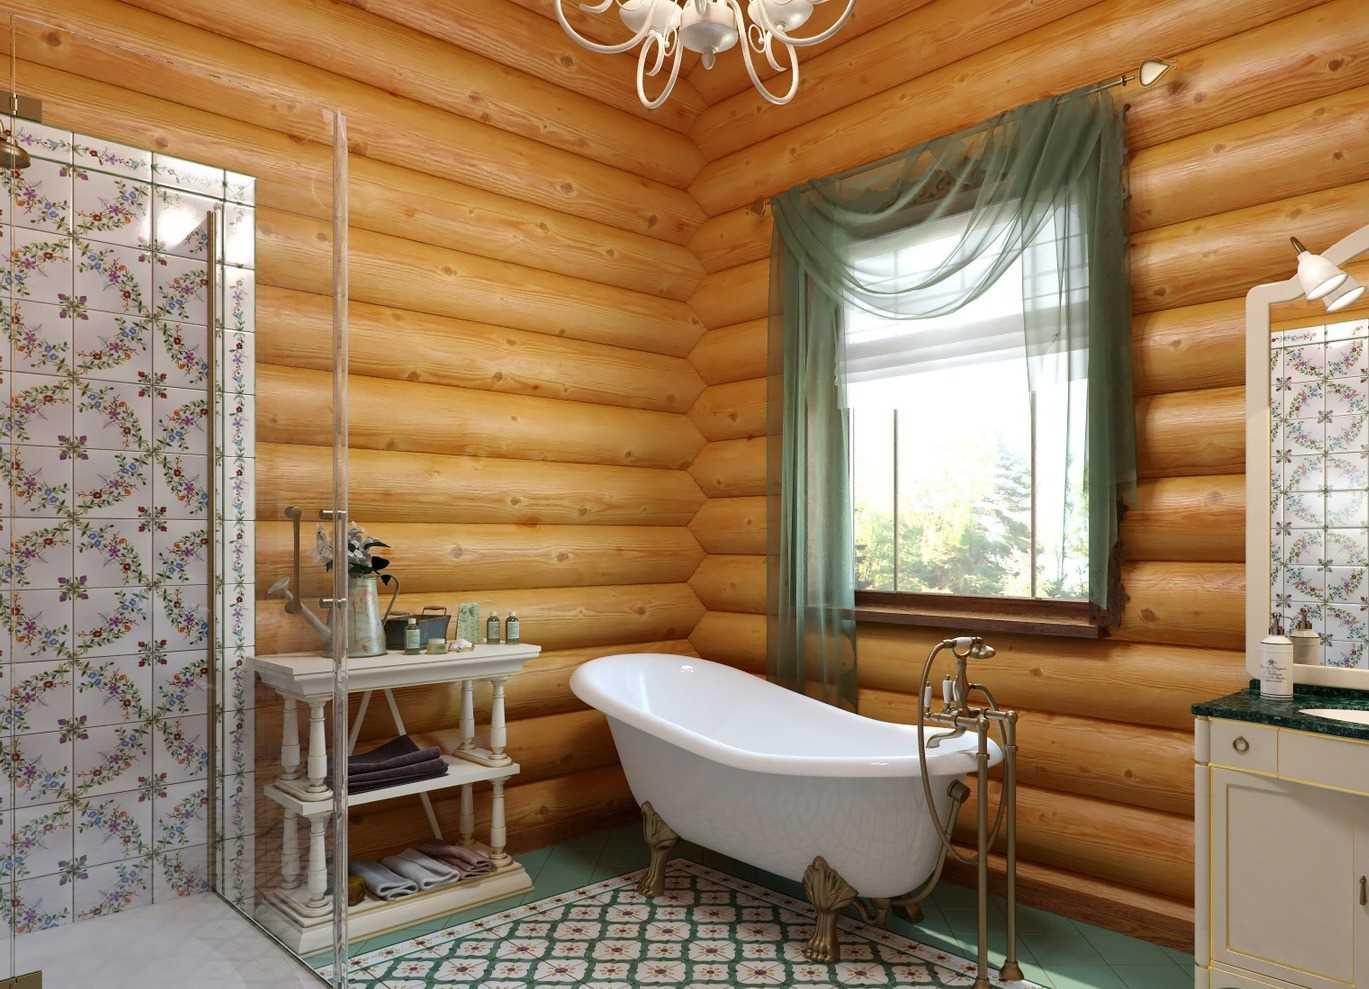 Санузел в деревянном доме - основные этапы строительства, рекомендации, подробное описание обустройства и советы по выбору дизайна